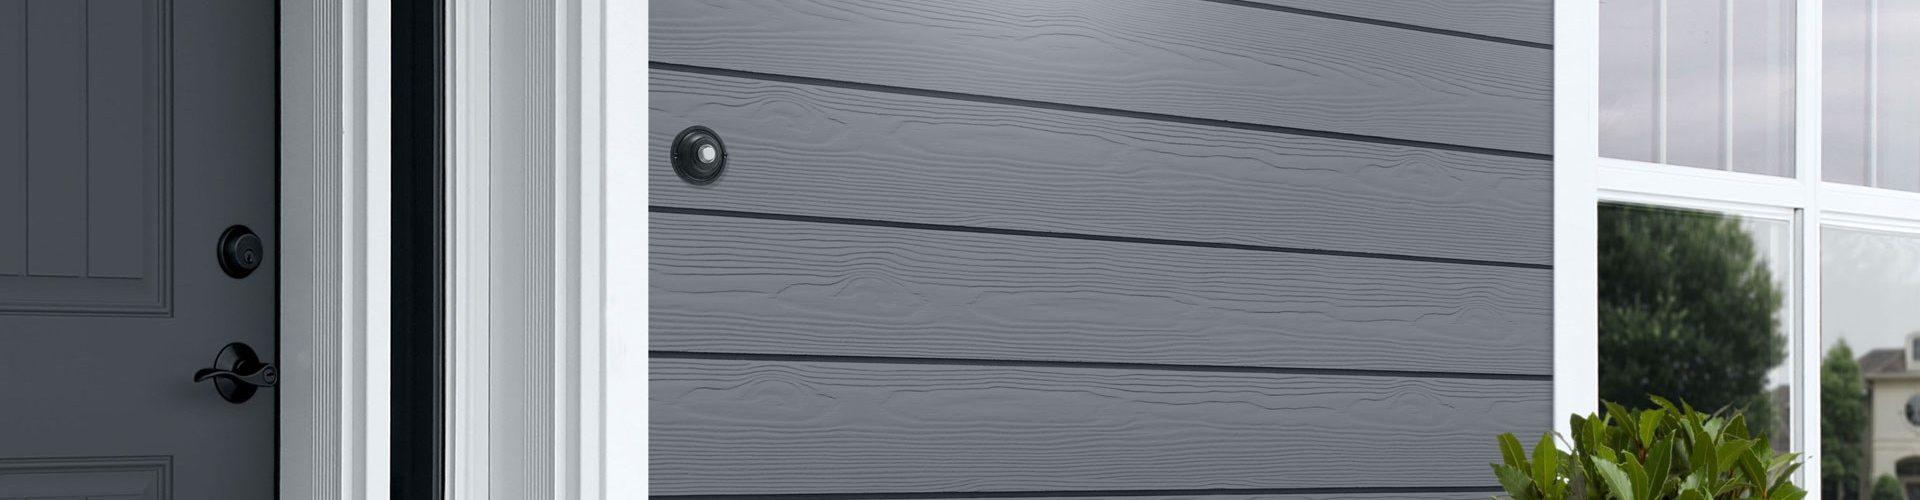 Cedral Click C15 Ookeanihall - kiudtsement voodrilaud - puitu immiteeriv